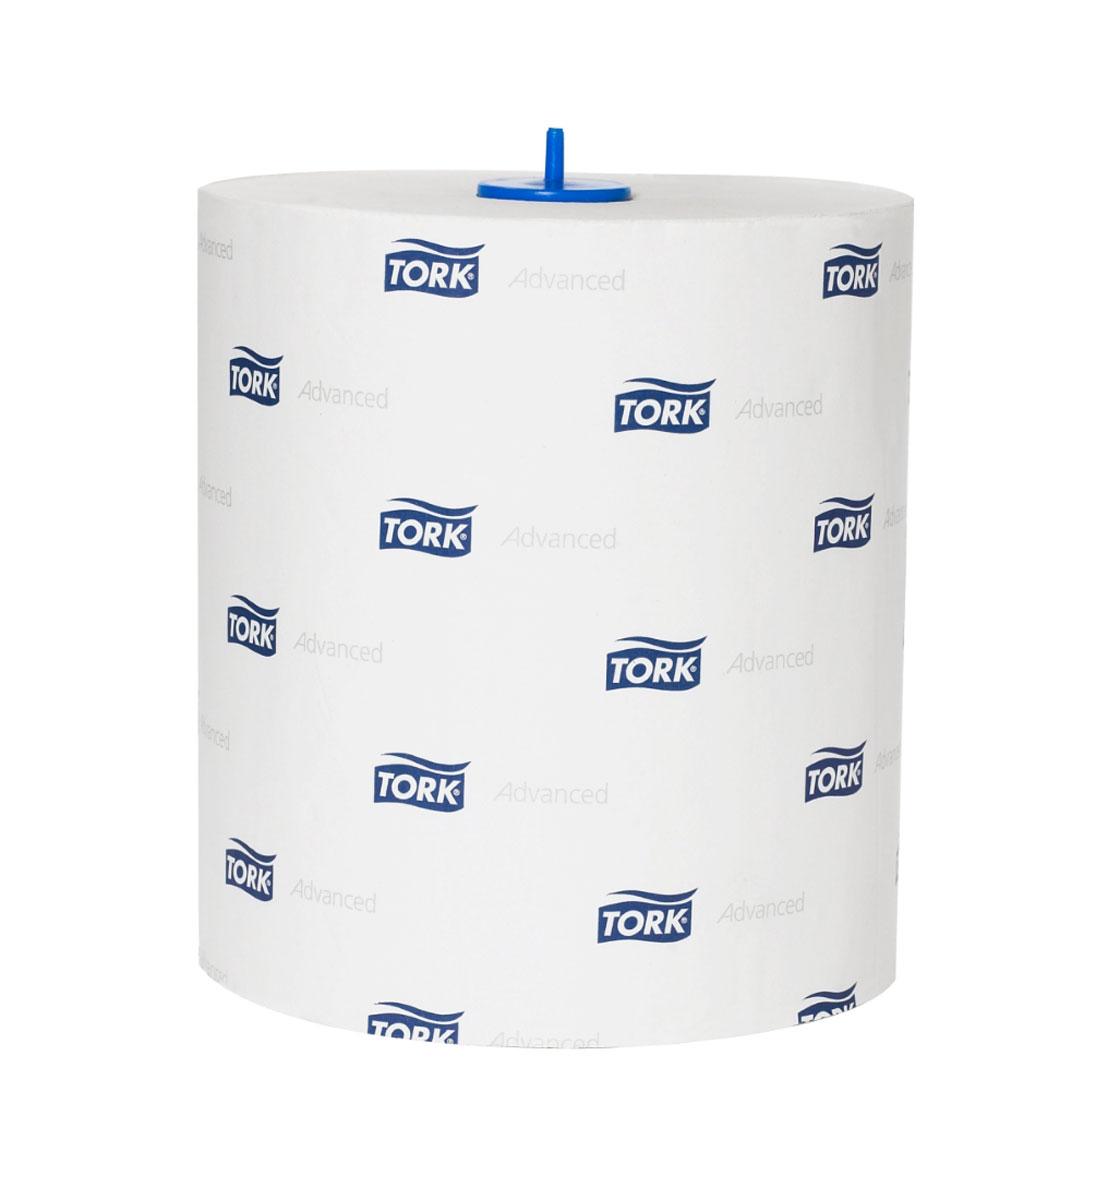 Tork Matic полотенца в рулонах 2-сл 150м, коробка 6 шт290067Целлюлоза